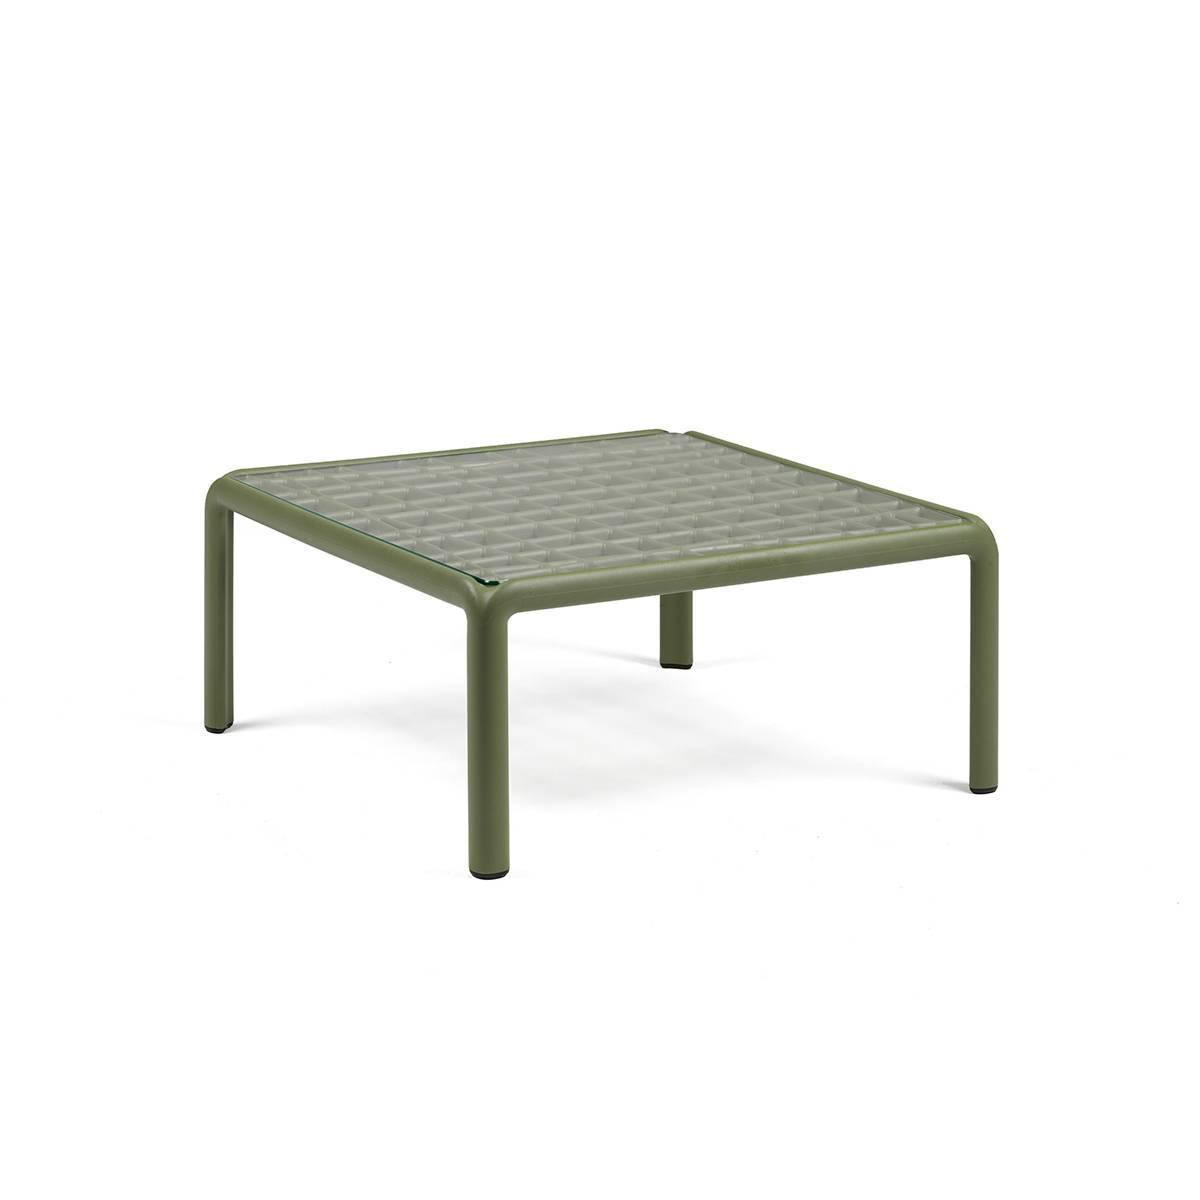 Журнальний столик  Komodo зі склом 70х70х32,5см agave